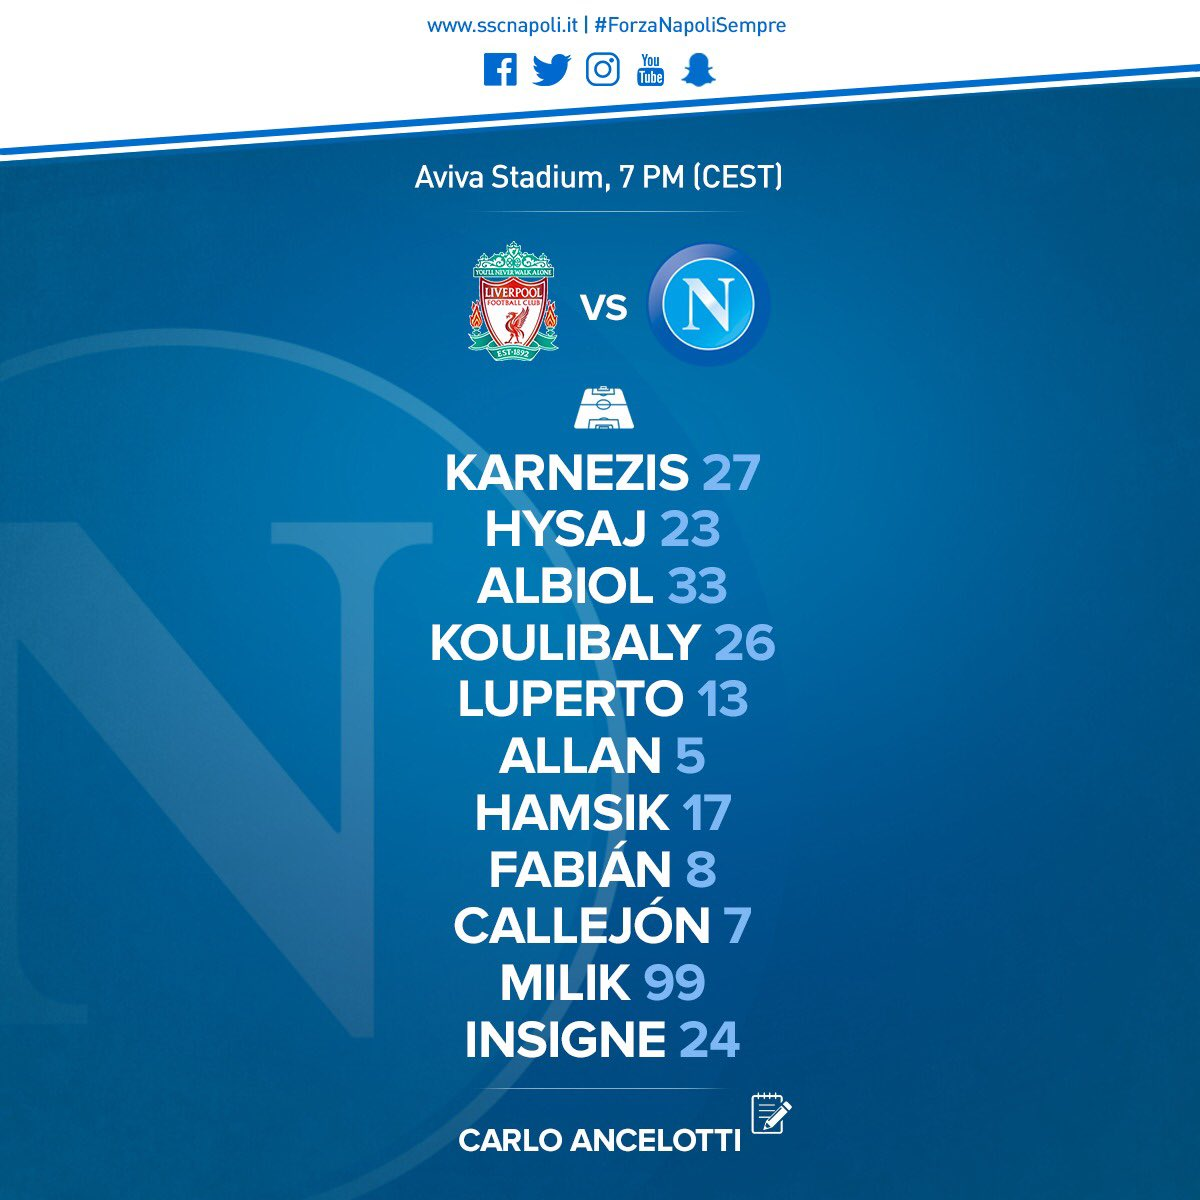 Liverpool-Napoli, le formazioni ufficiali: Klopp con i big three, Ancelotti sceglie Callejon e Milik